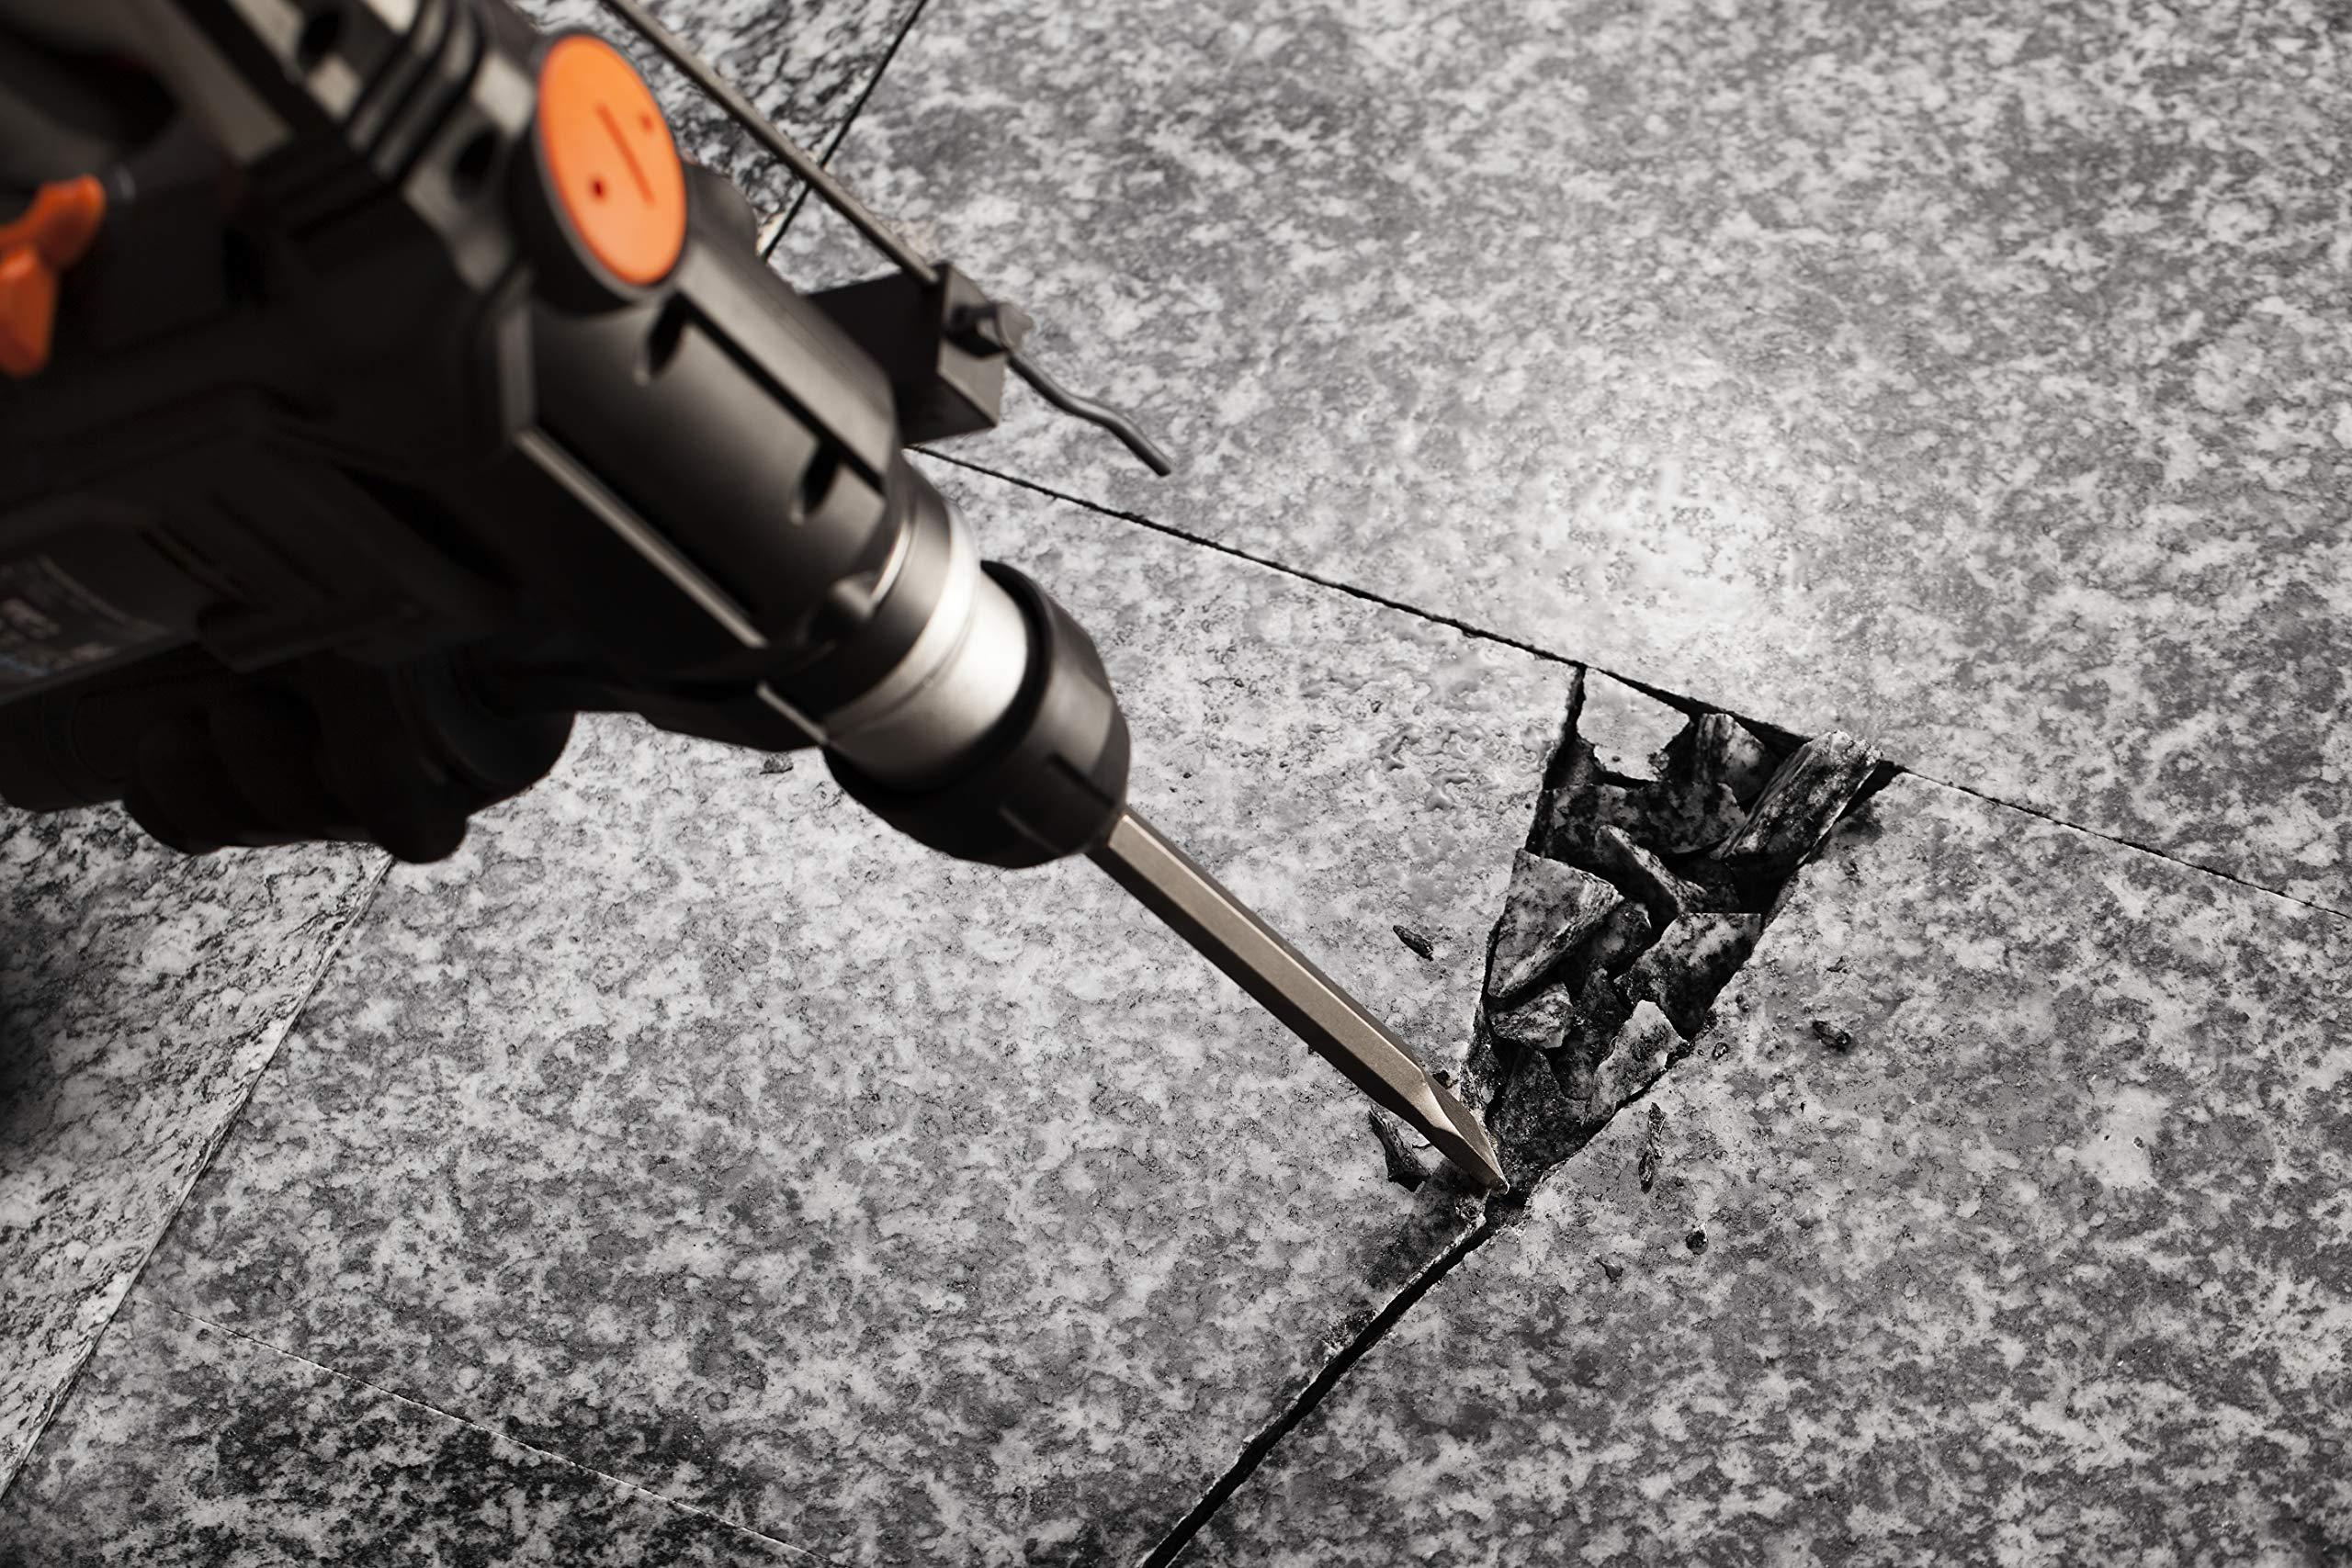 Meister-Pneumatischer-Bohrhammer-1500-Watt-MPH1500-1-SDS-Plus-Aufnahme-4-Joule-Schlagenergie-Antivibrationsgriff-Tiefenanschlag-Bohrmaschine-mit-Hammerwerk-Kombihammer-im-Koffer-5452860